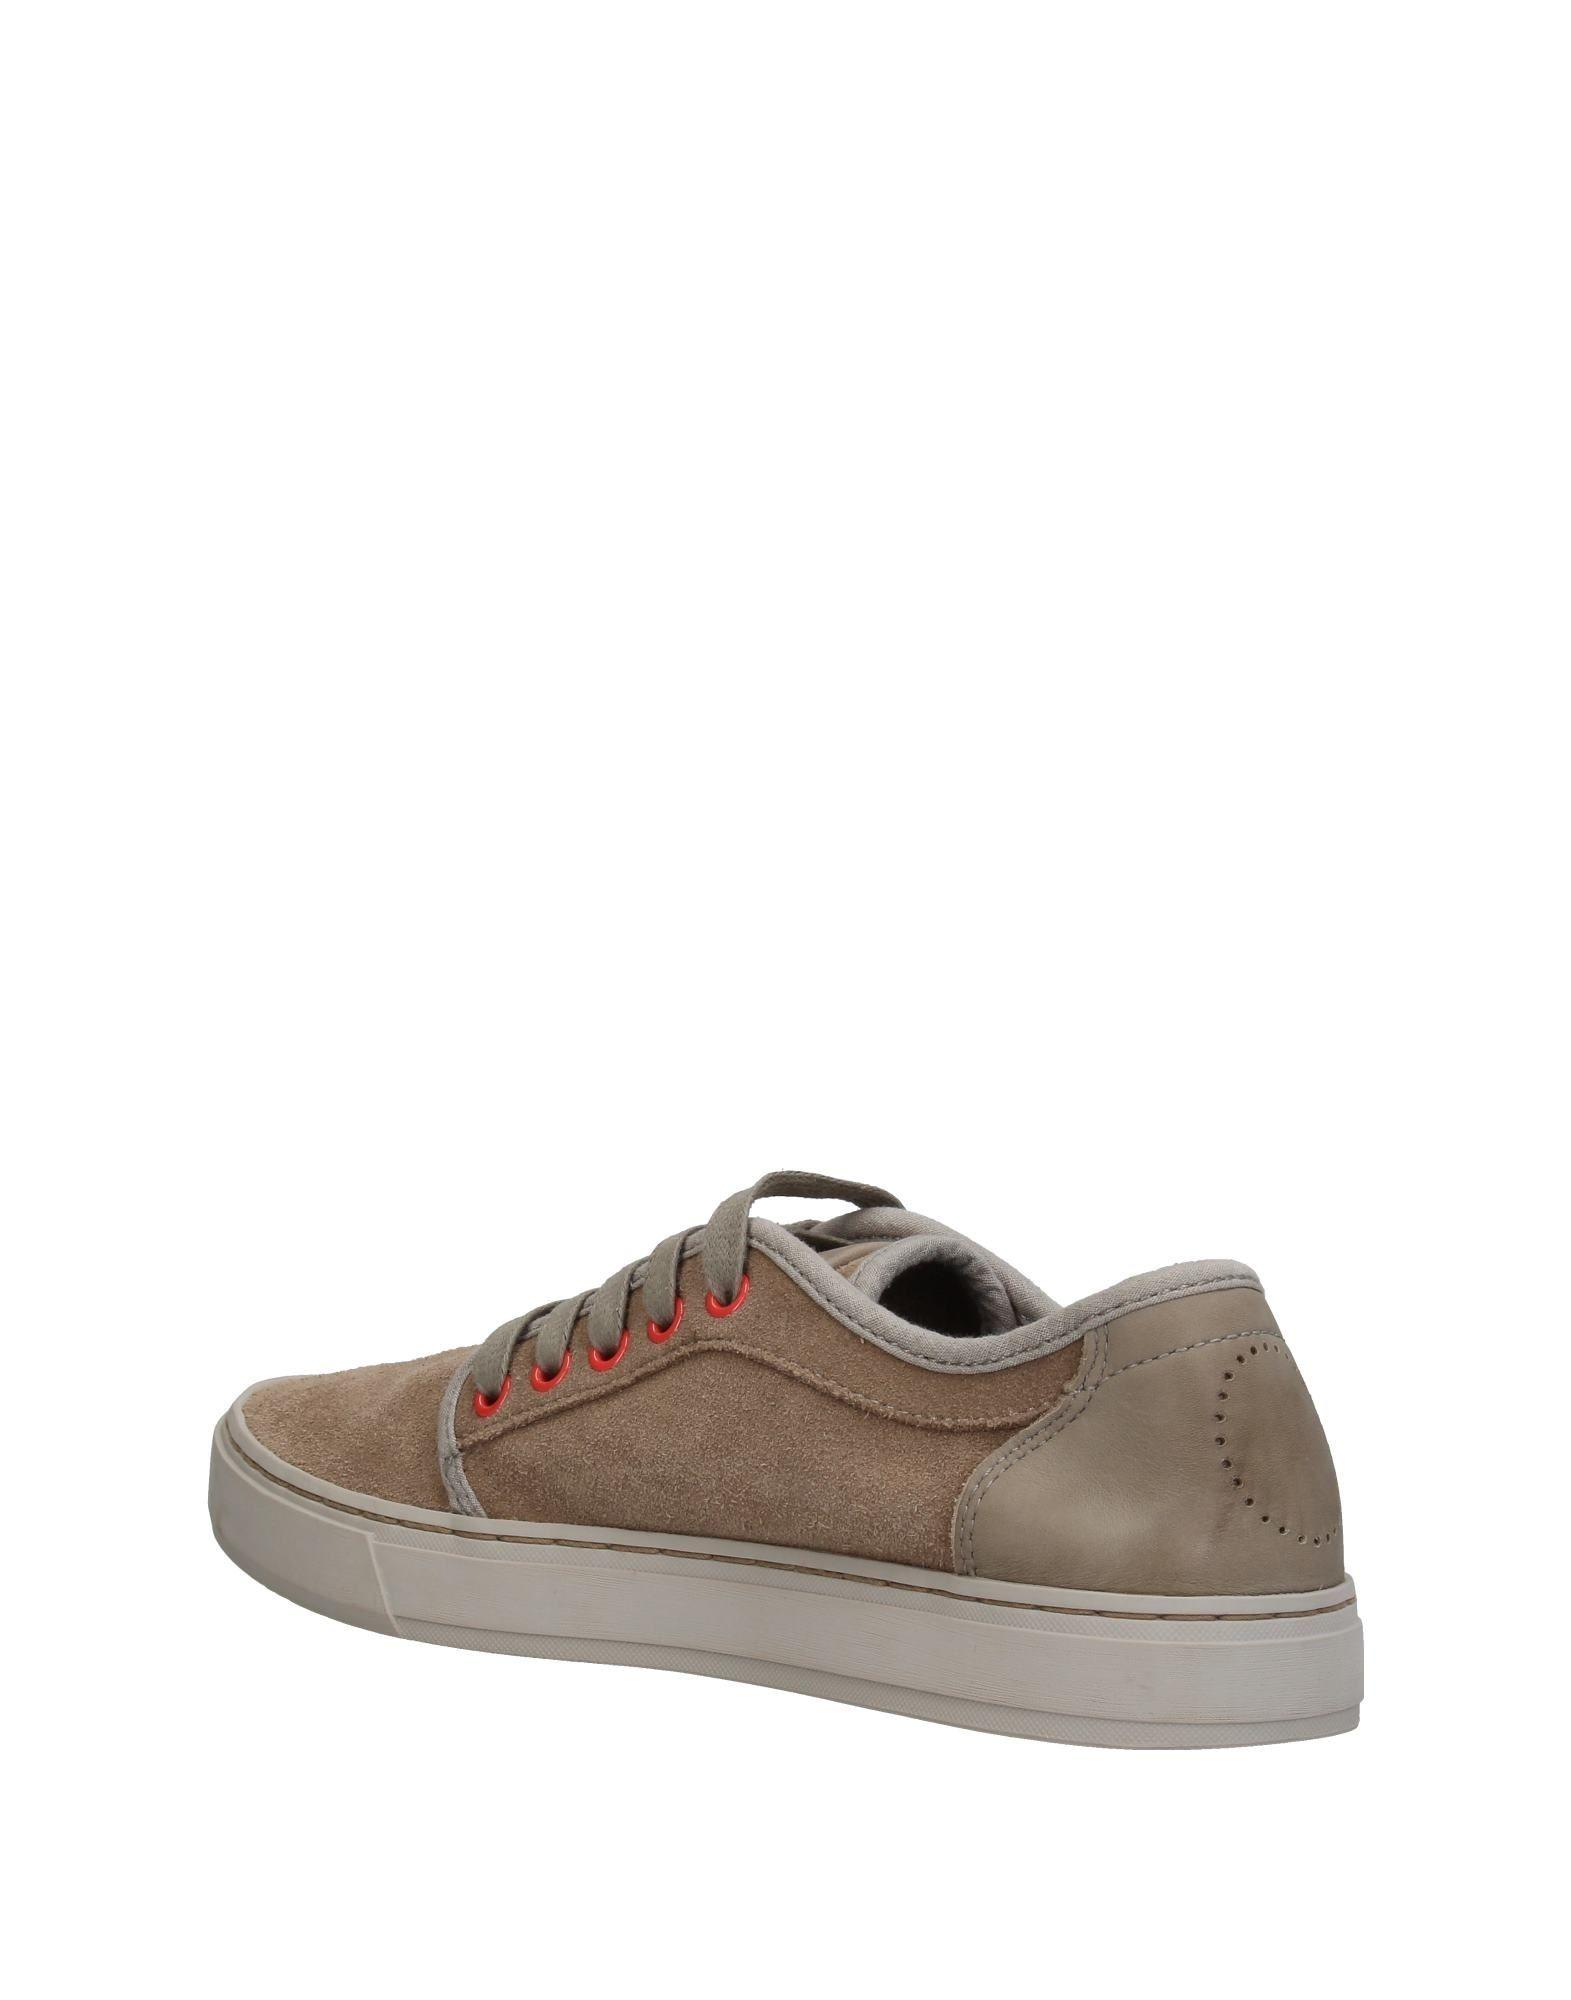 Sneakers Satorisan Femme - Sneakers Satorisan sur